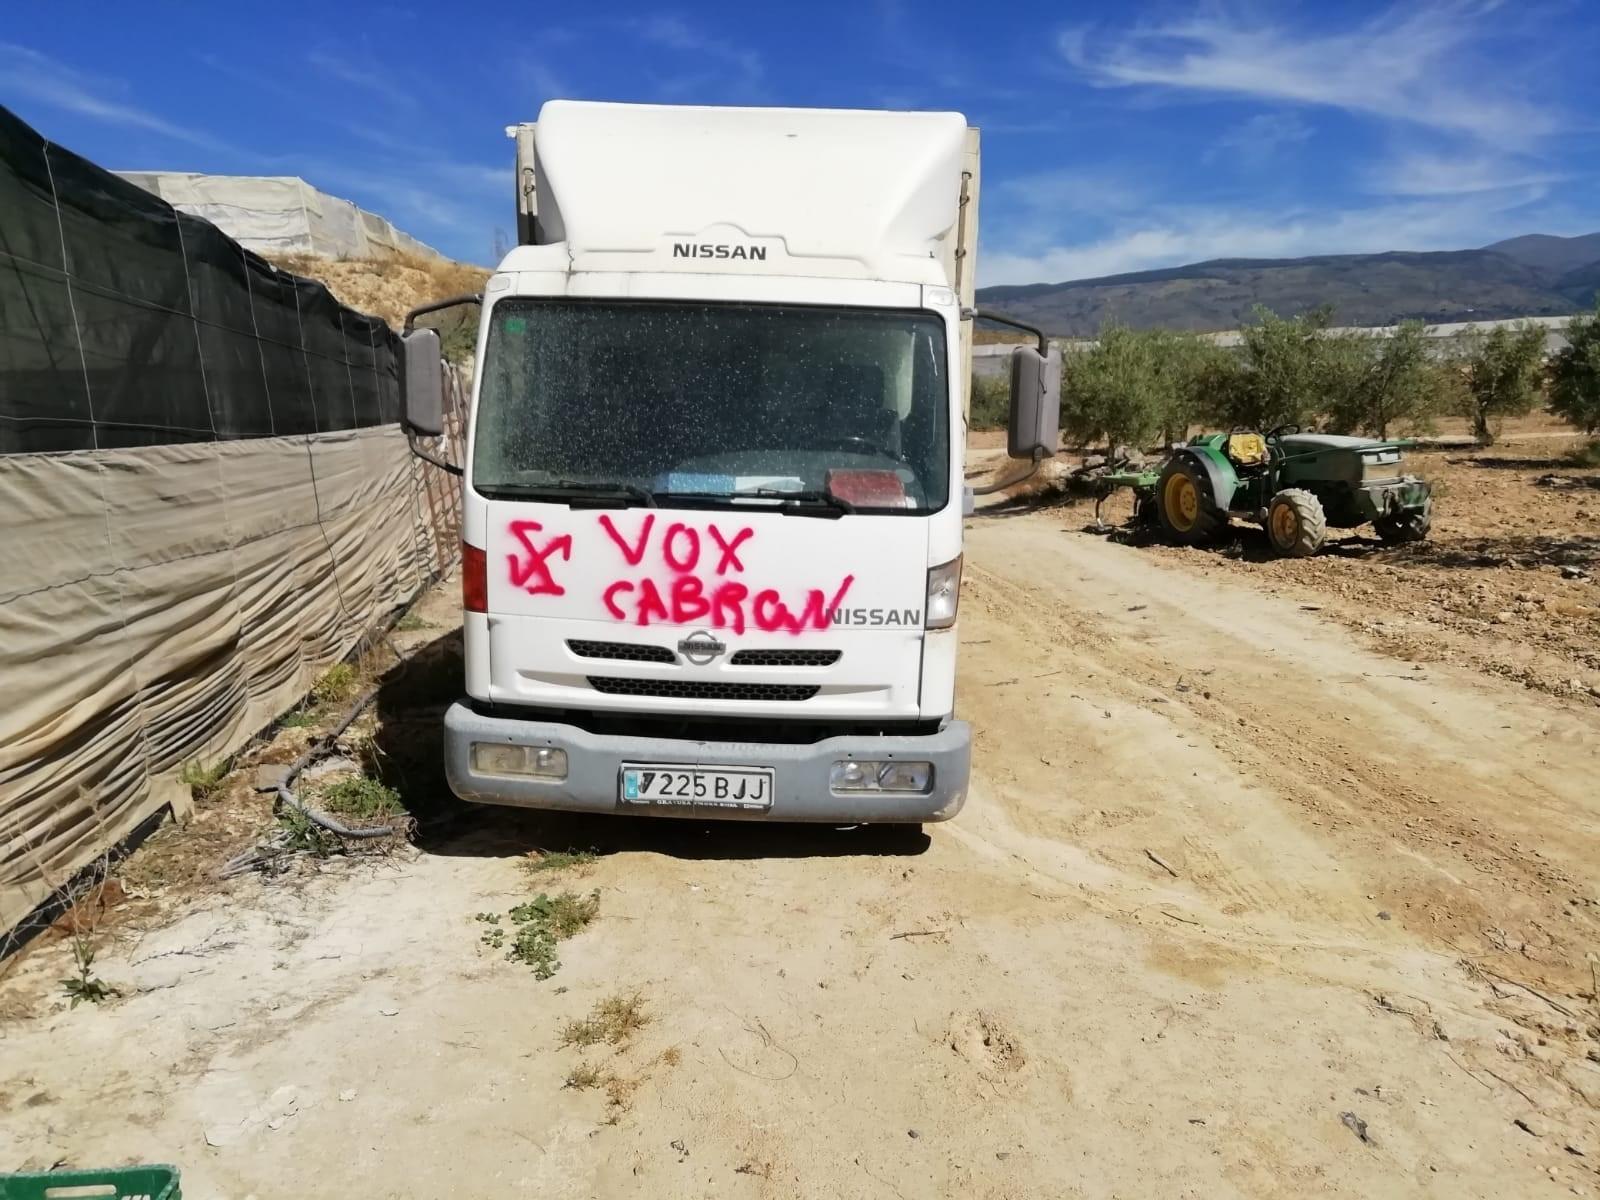 Vox denuncia actos vandálicos contra el camión de un candidato en Ugíjar